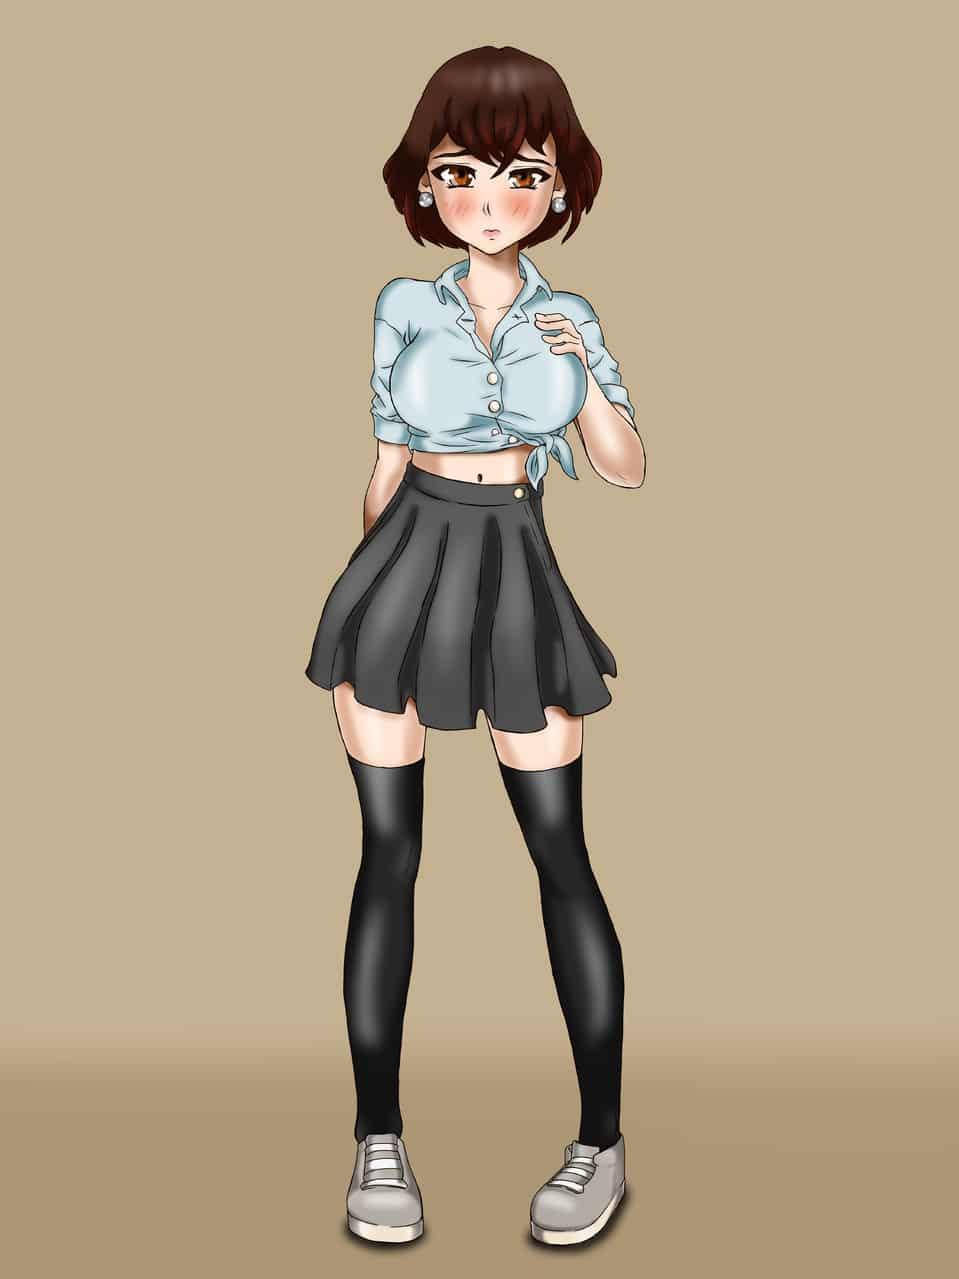 Misami San Illust of Alcides Maker Artwork MyIdealWaifu MyIdealWaifu_MyIdealHusbandoContest girl